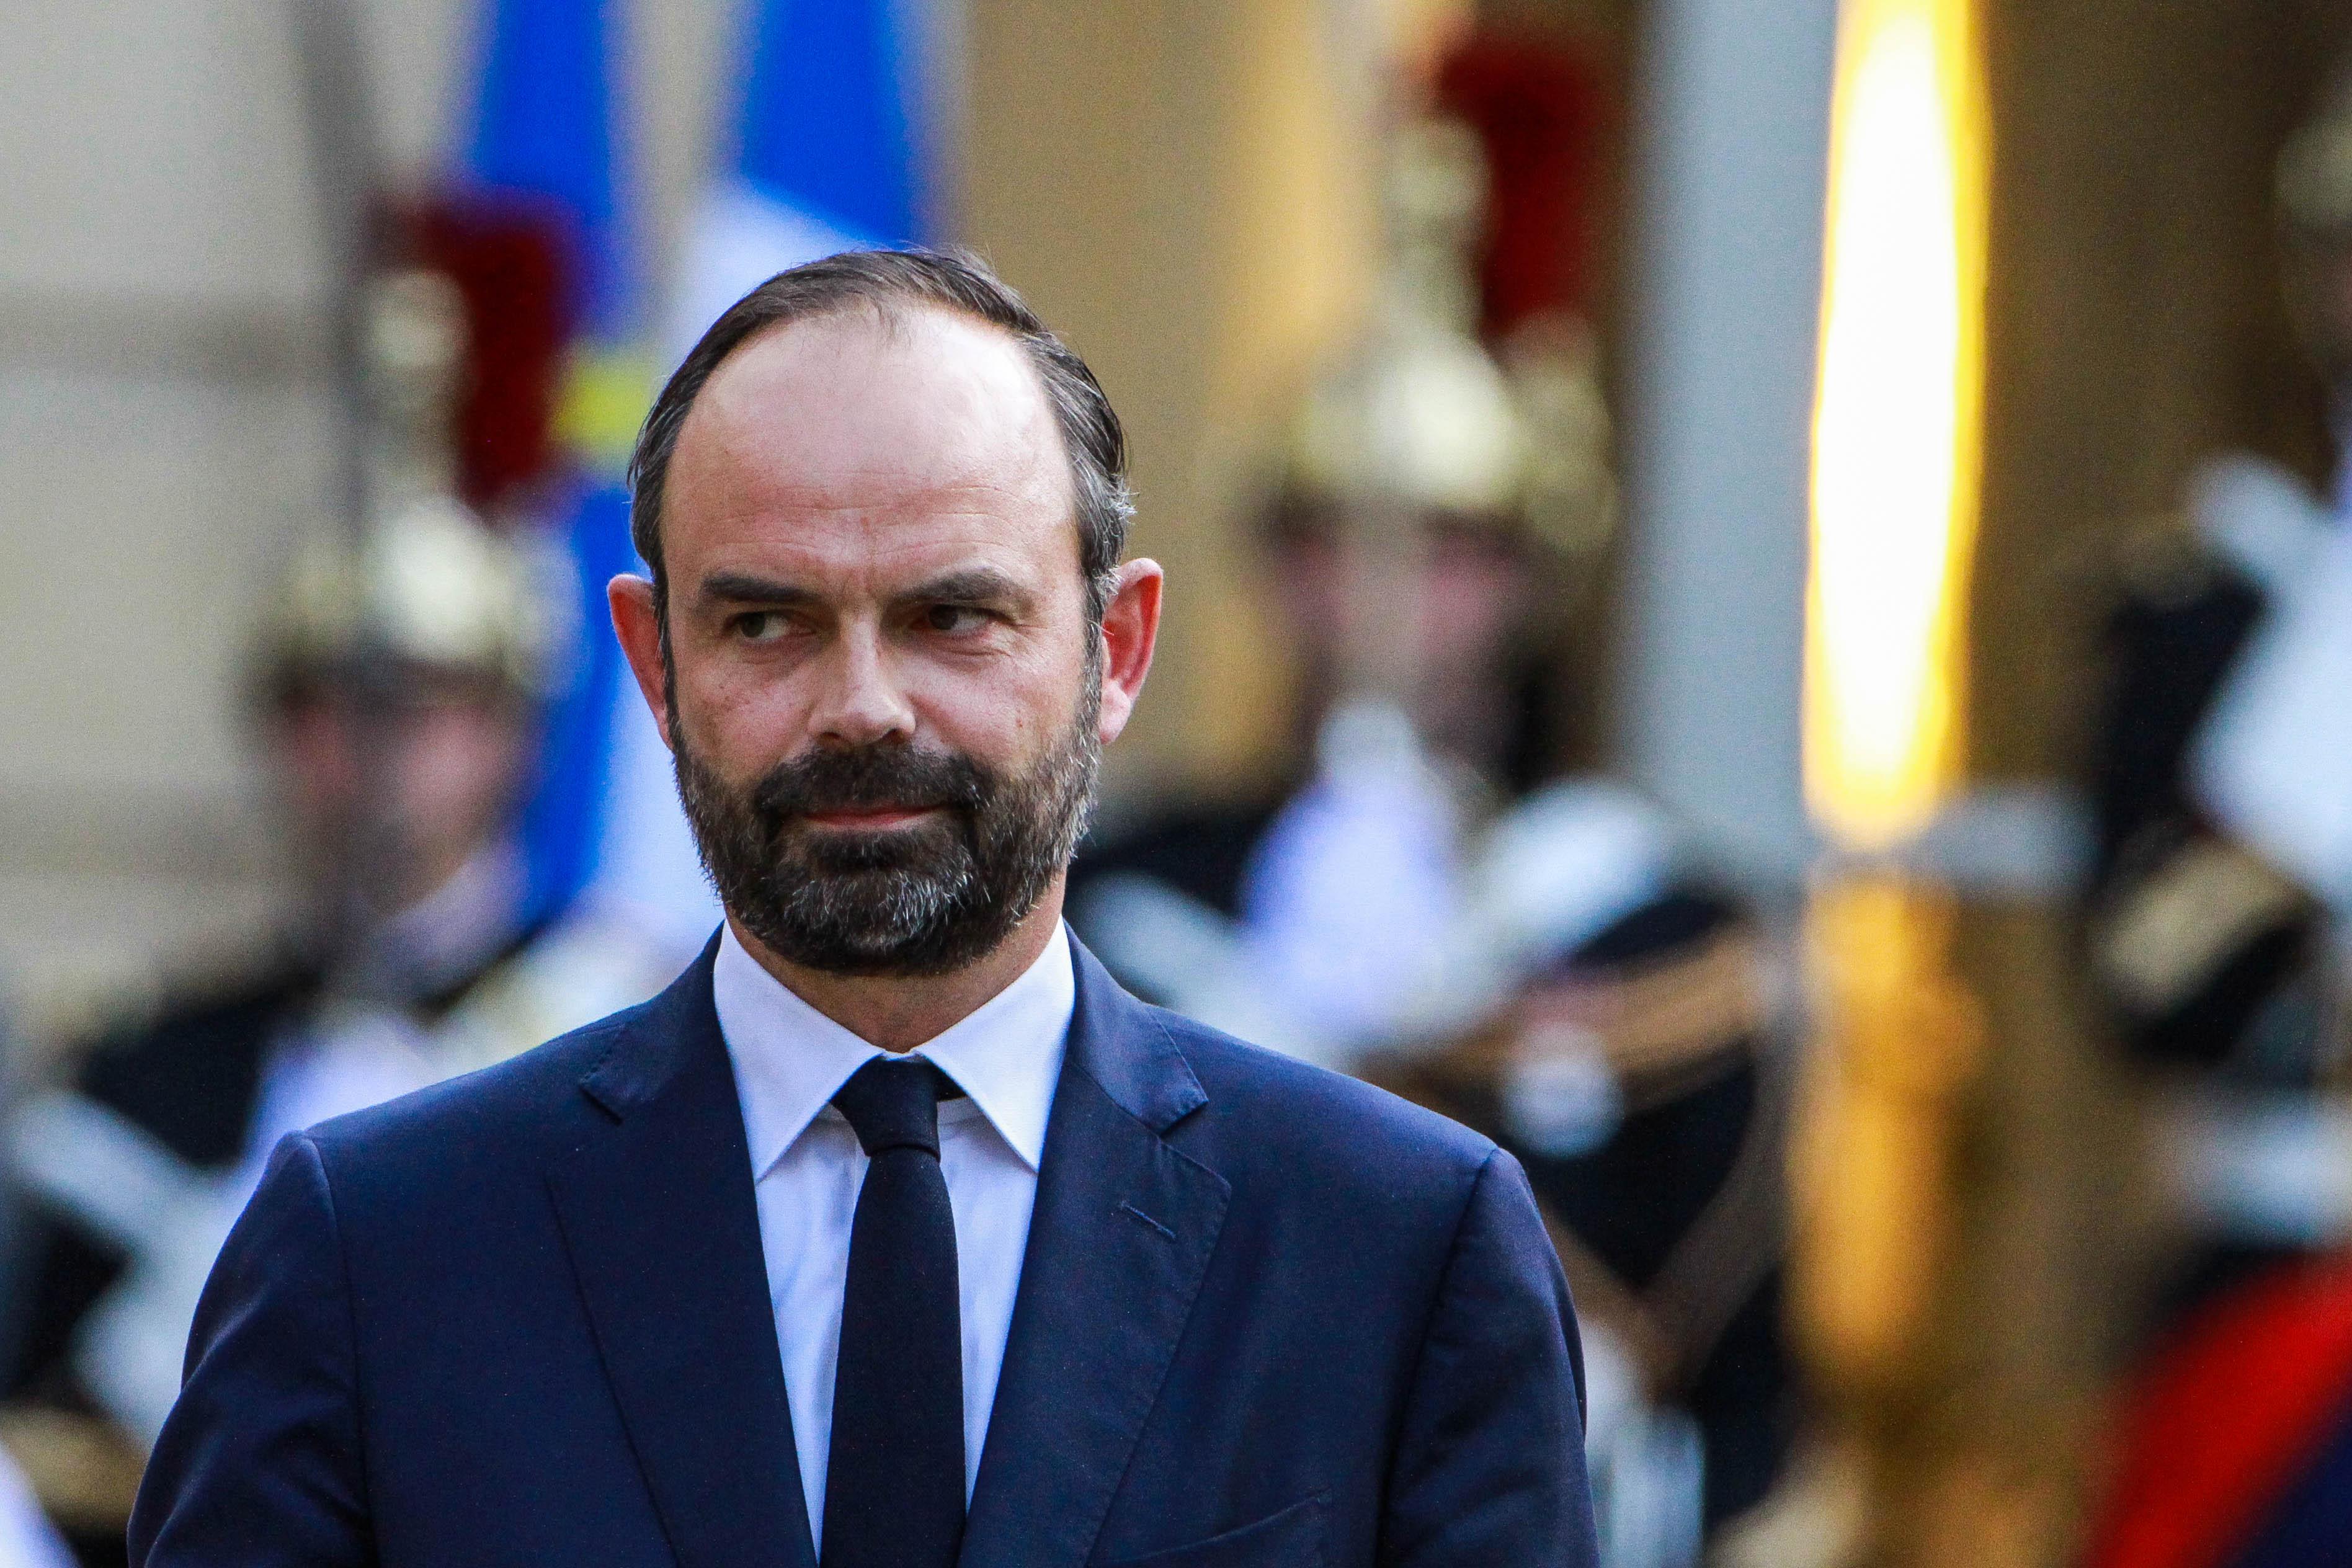 Le Premier Ministre Edouard Philippe lors de la passation de pouvoir - Mai 2017